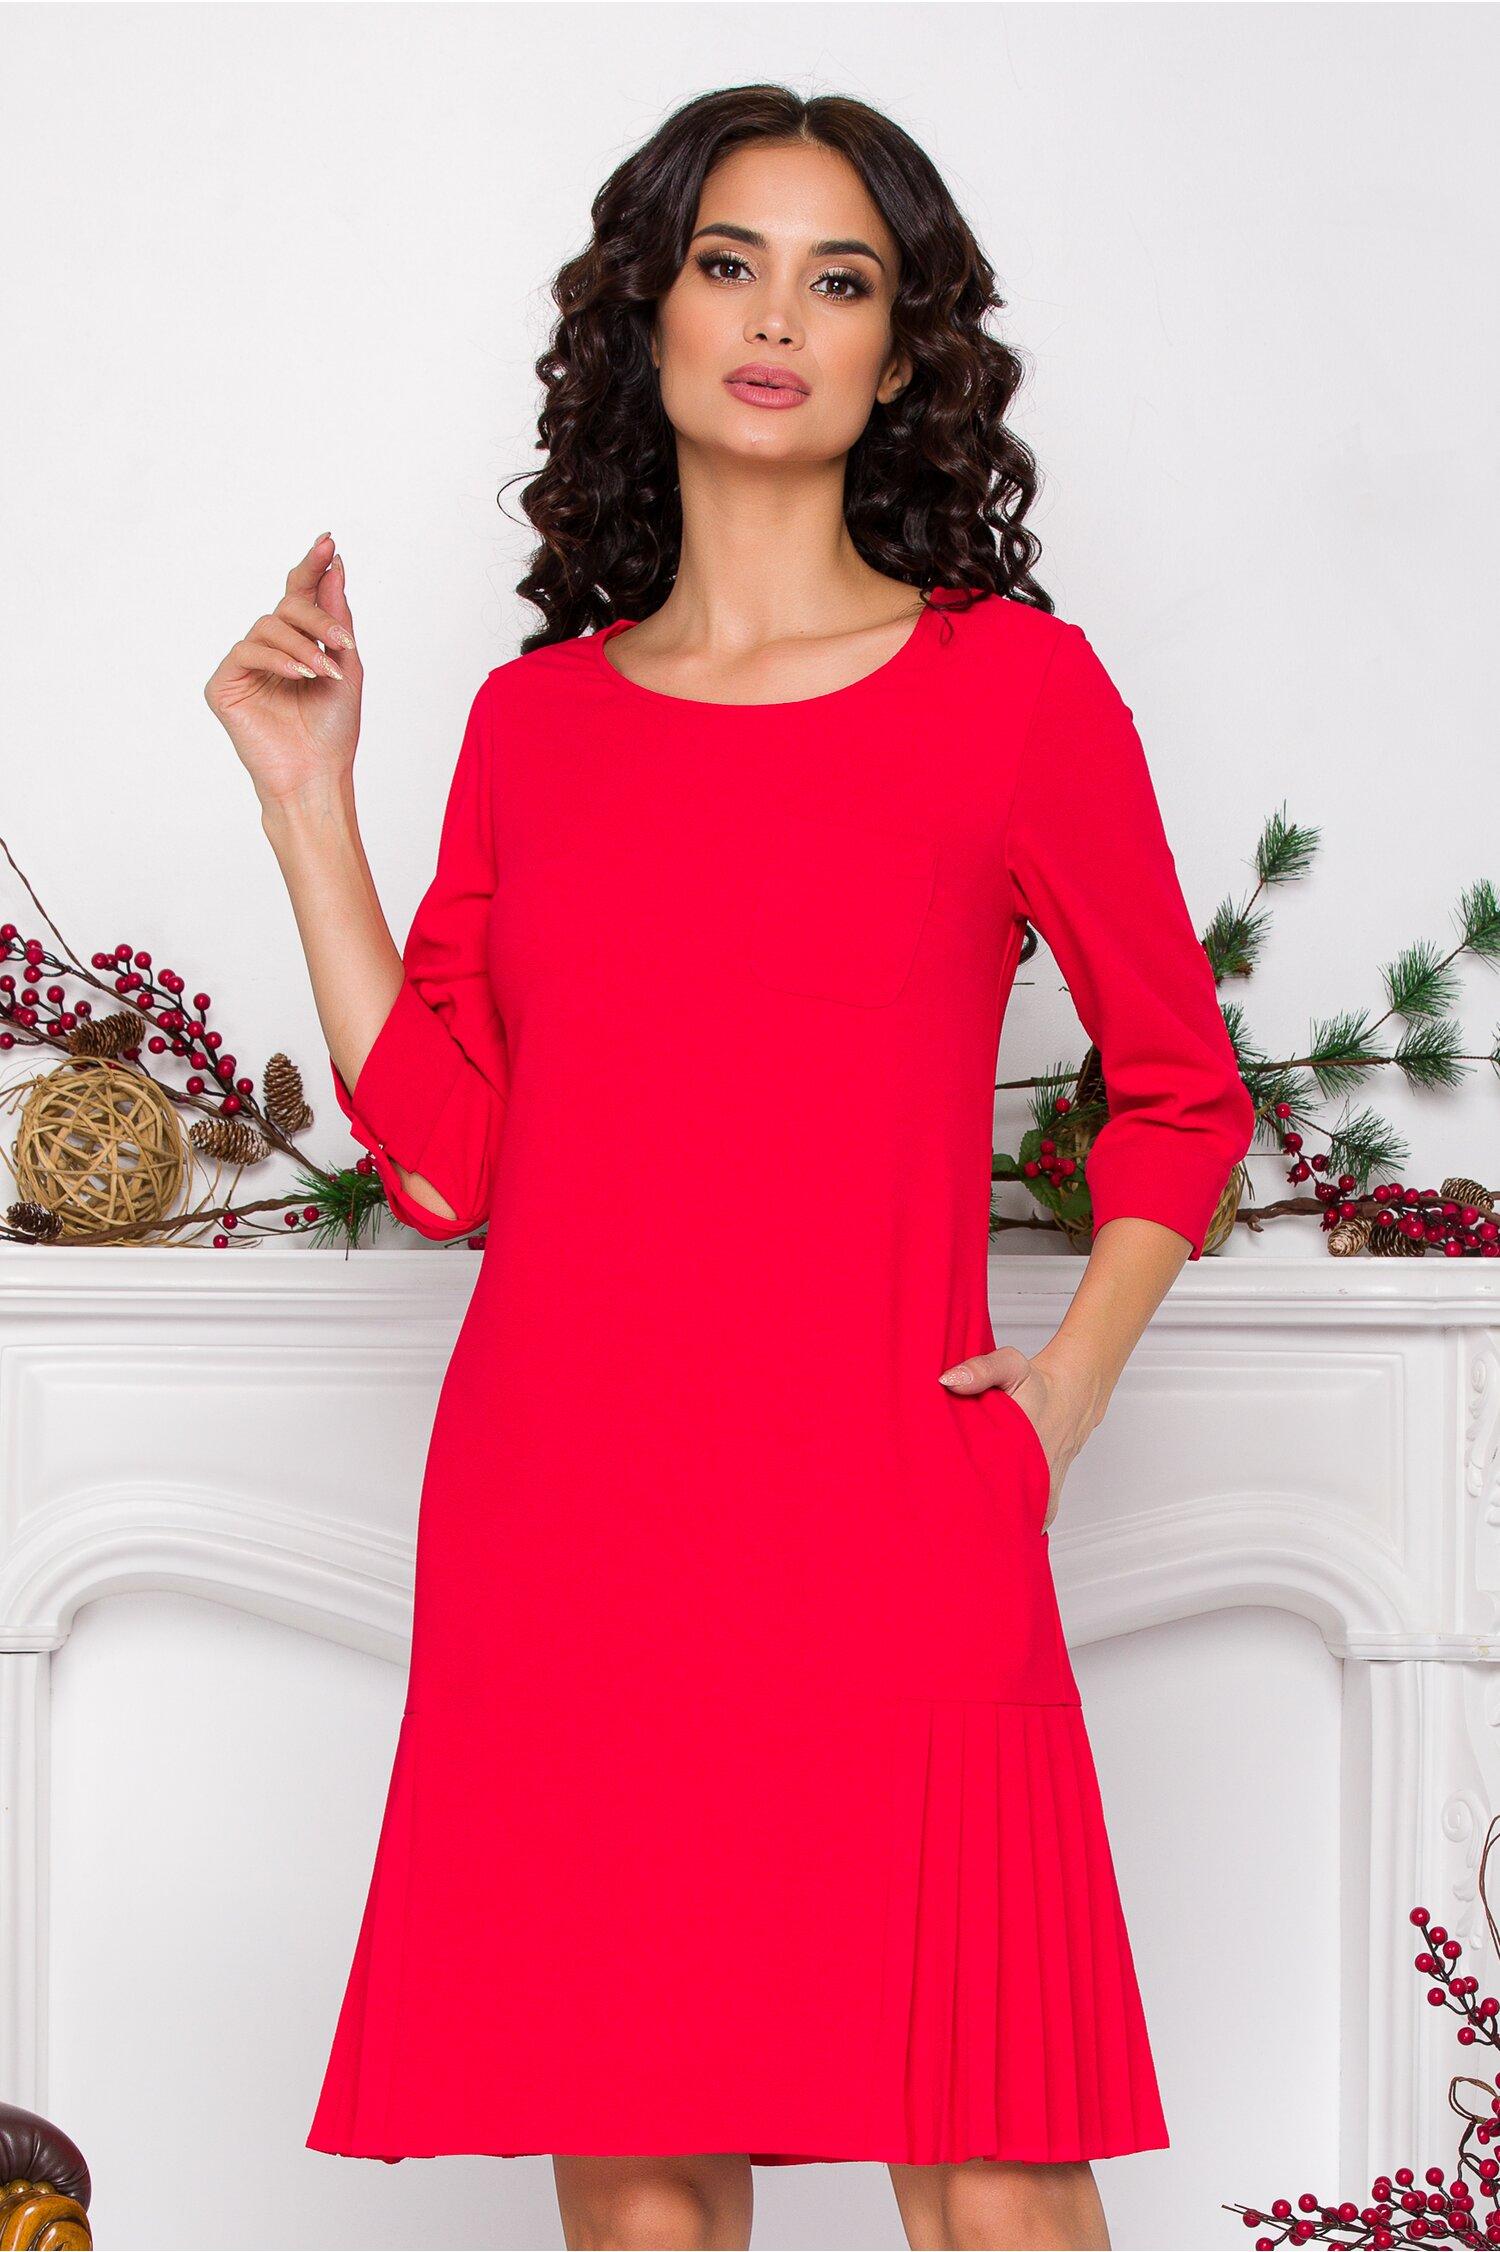 Rochie Gilly rosie cu design plisat la baza